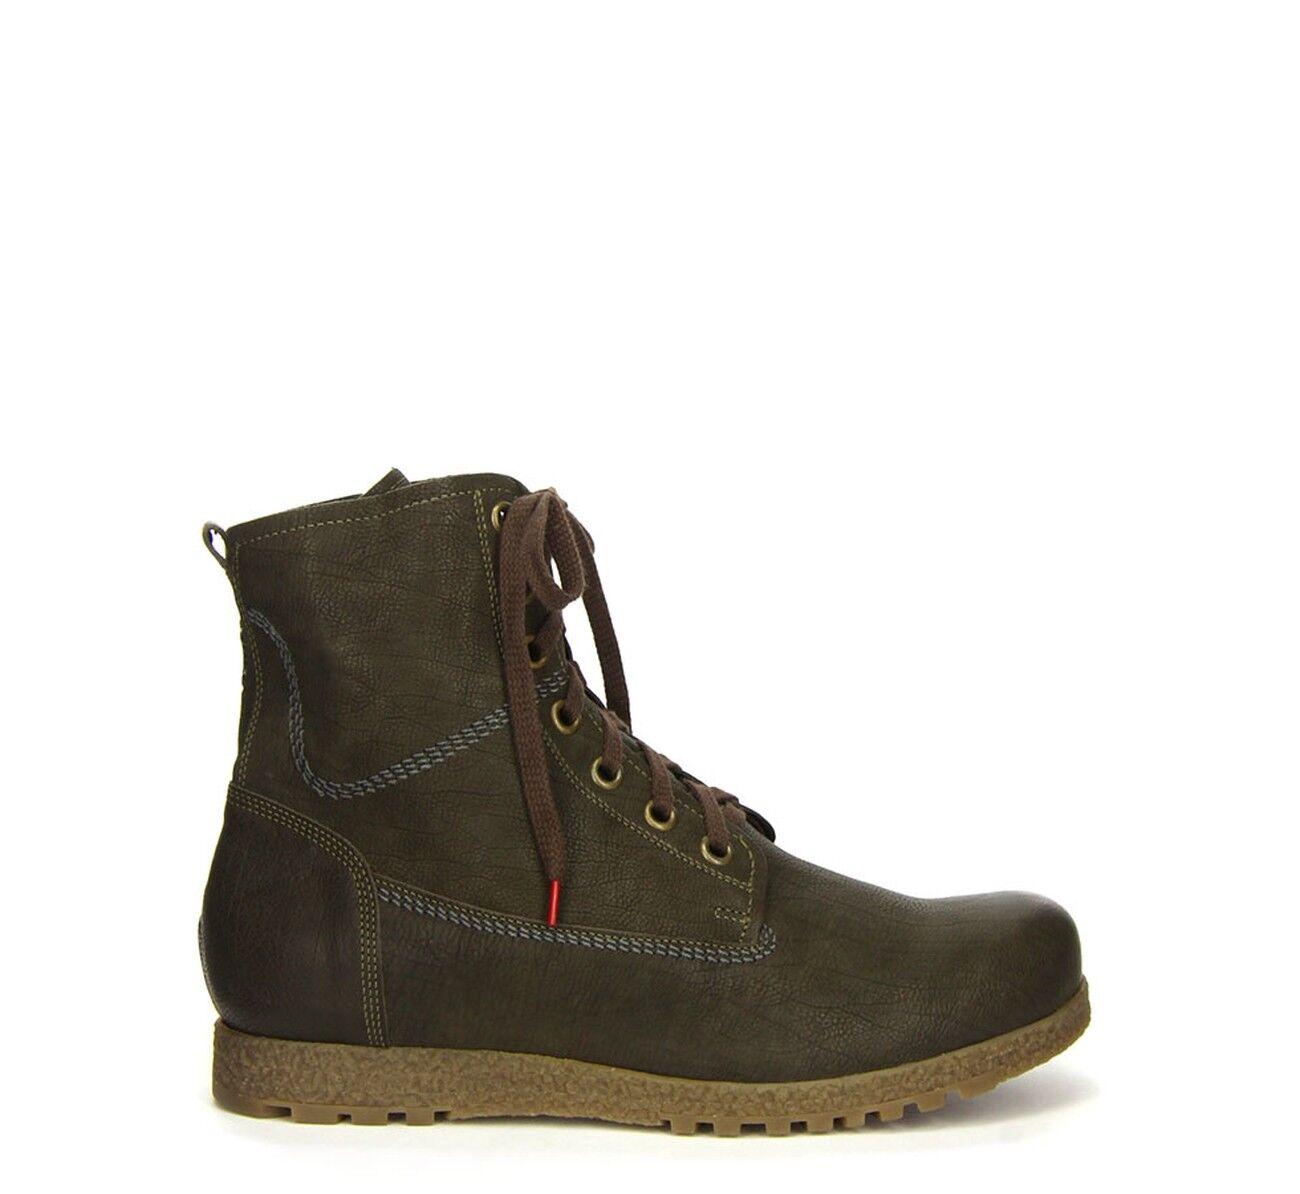 ¡Piense  Grod botas oscuro verde forro de lana 3-83627-62